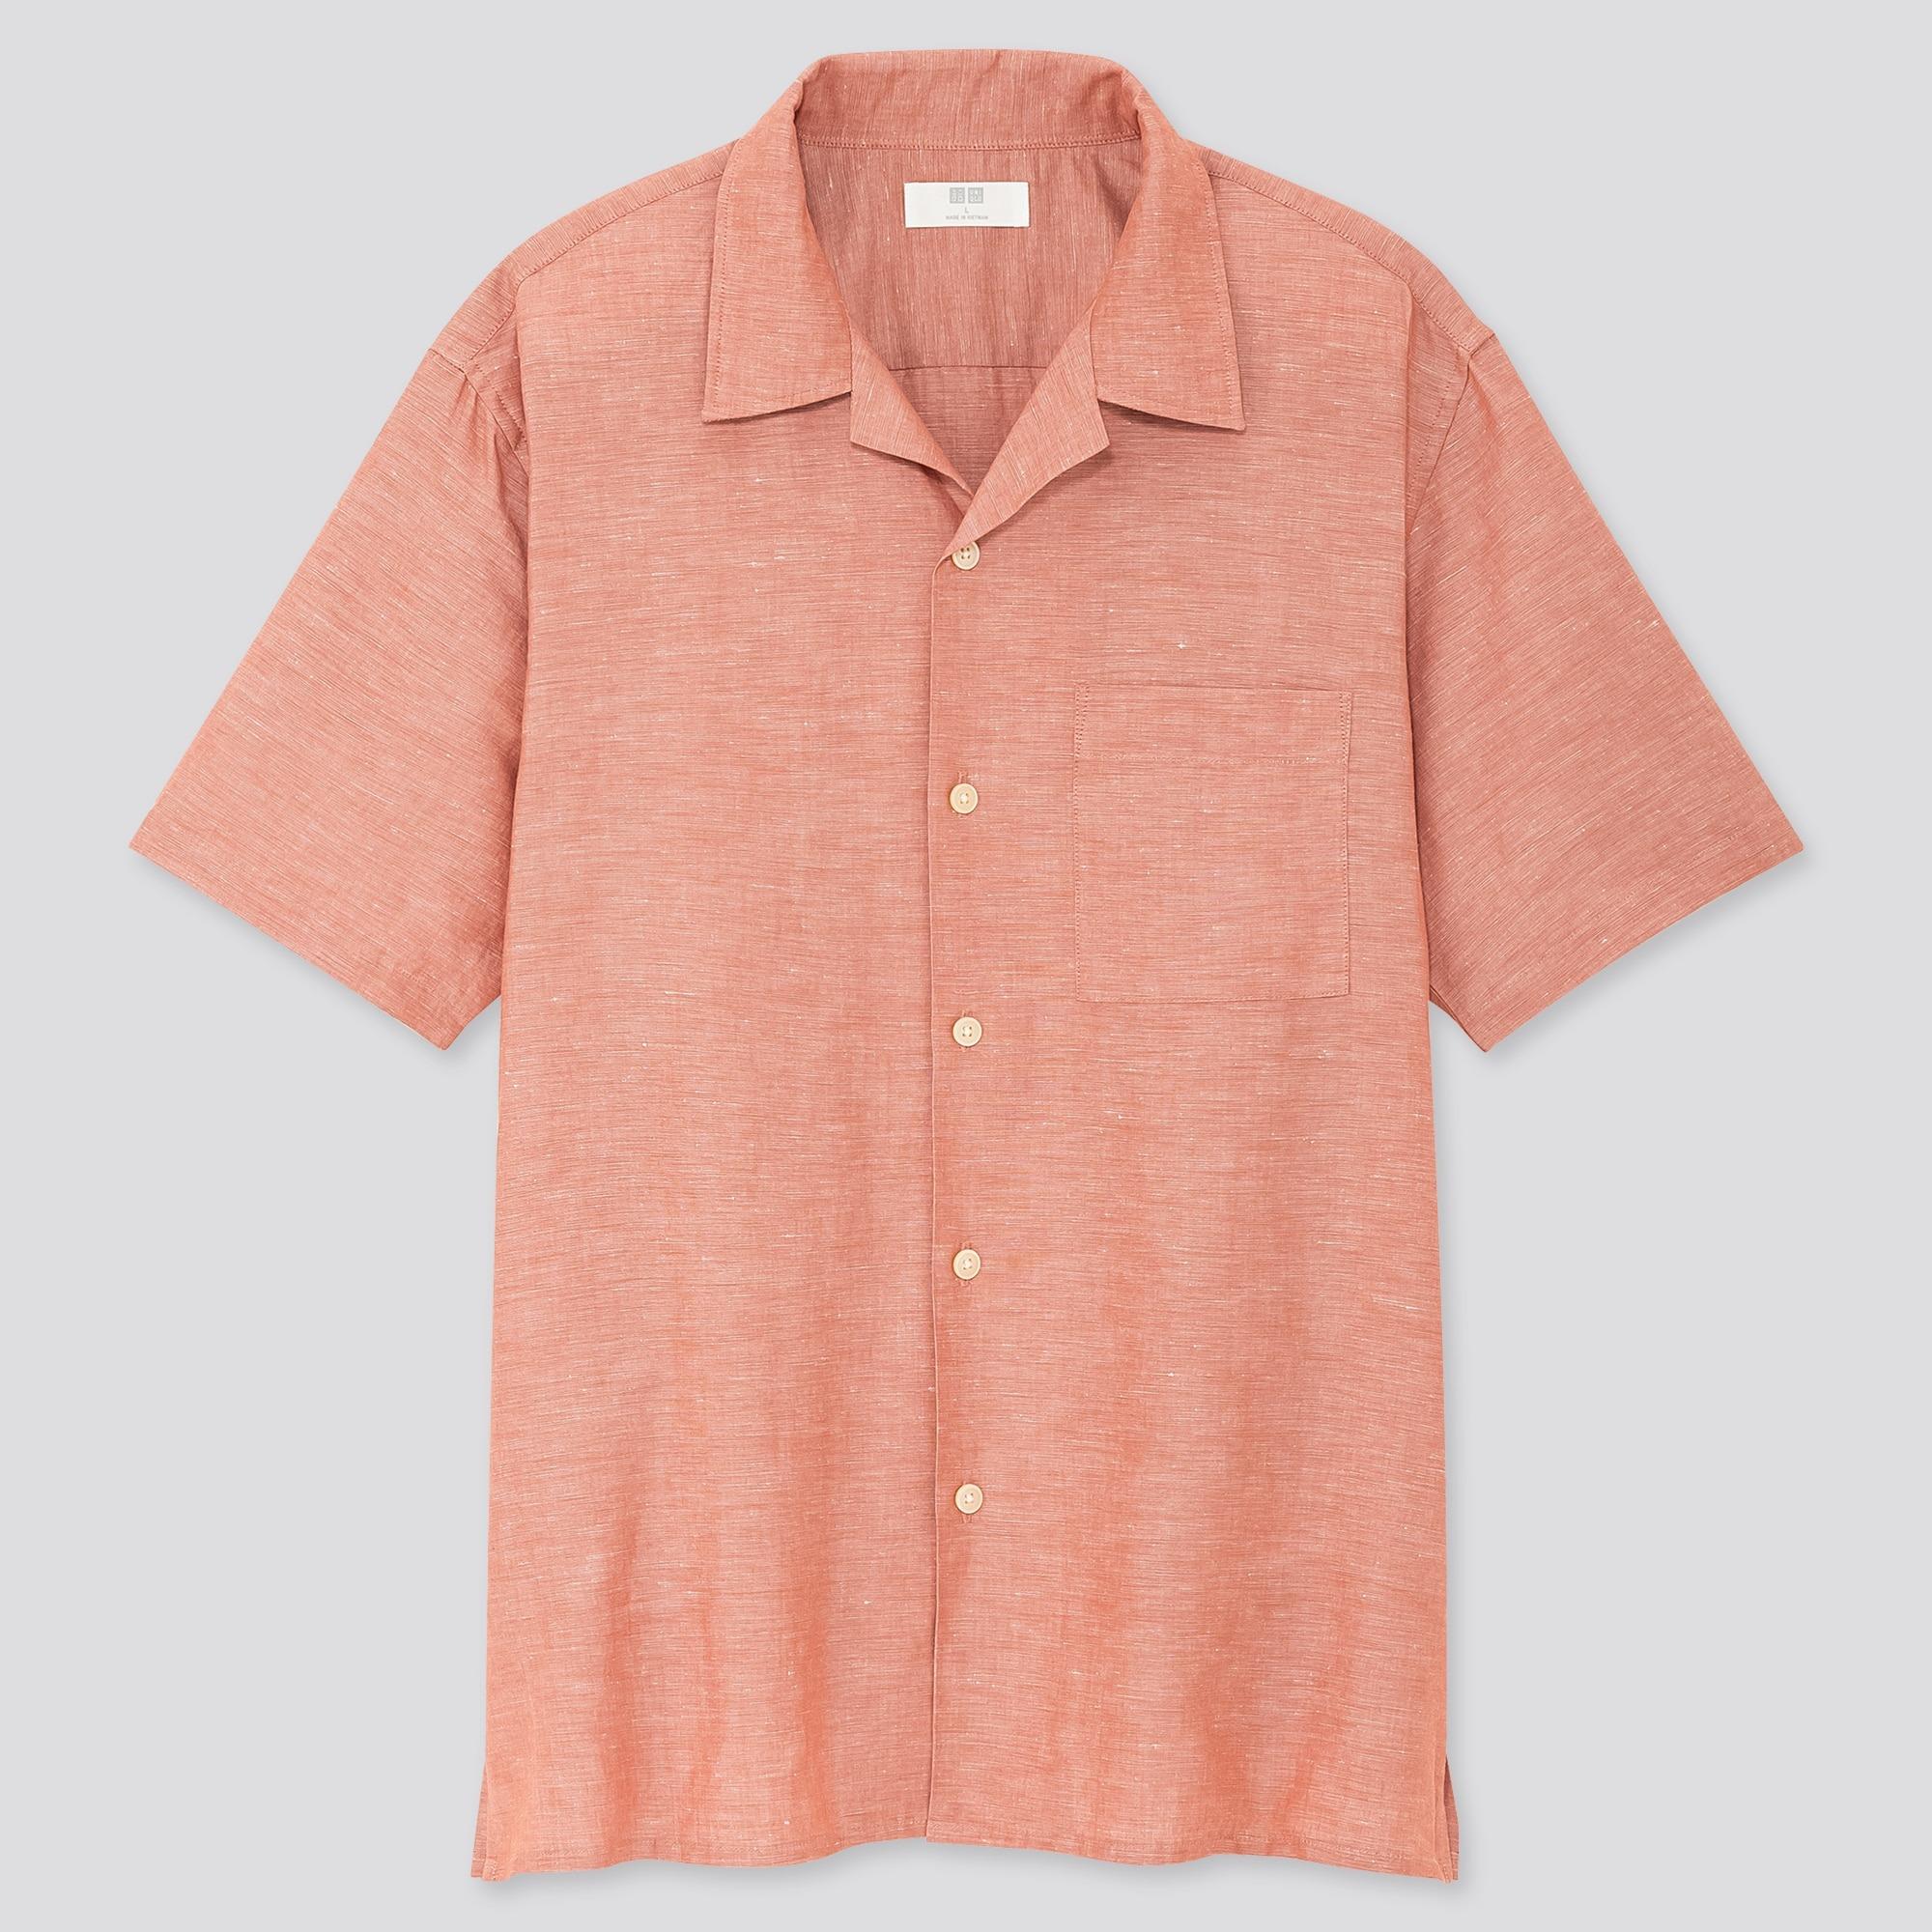 Chemise boutonnée à manches courtes Uniqlo